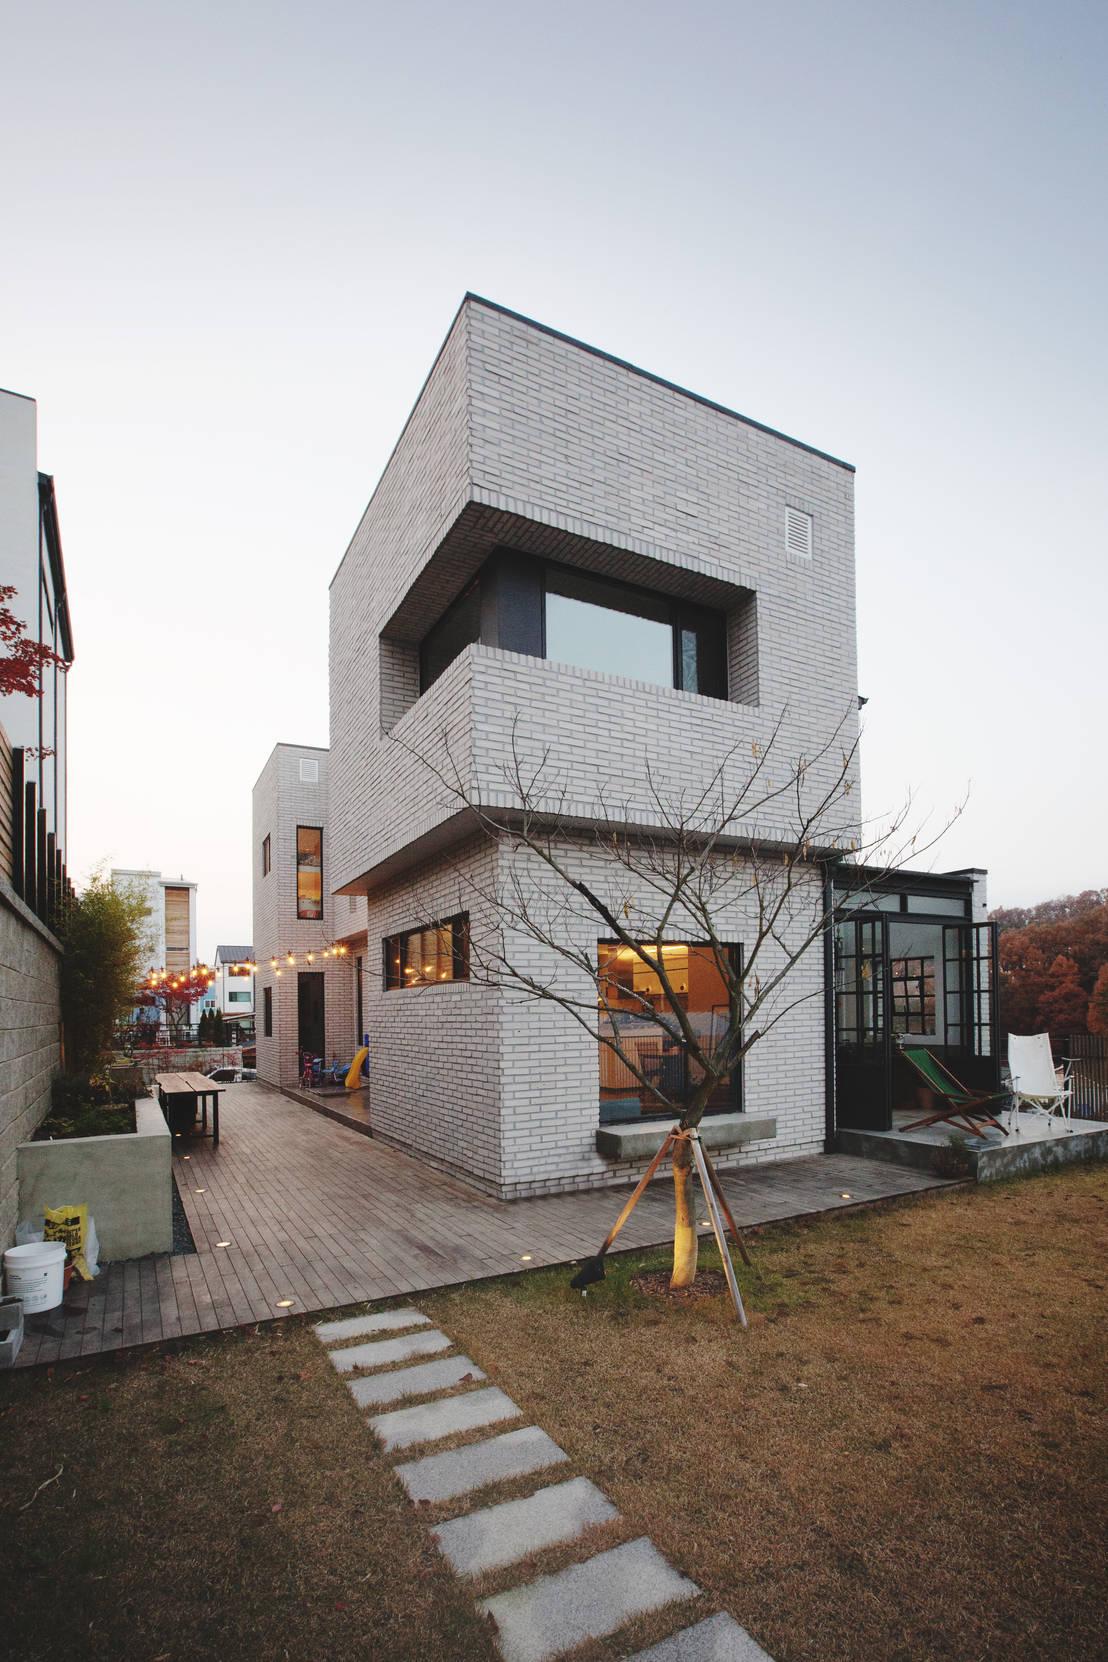 디자이너 부부의 마음을 담아낸 집, 상하동 TRACE HOUSE